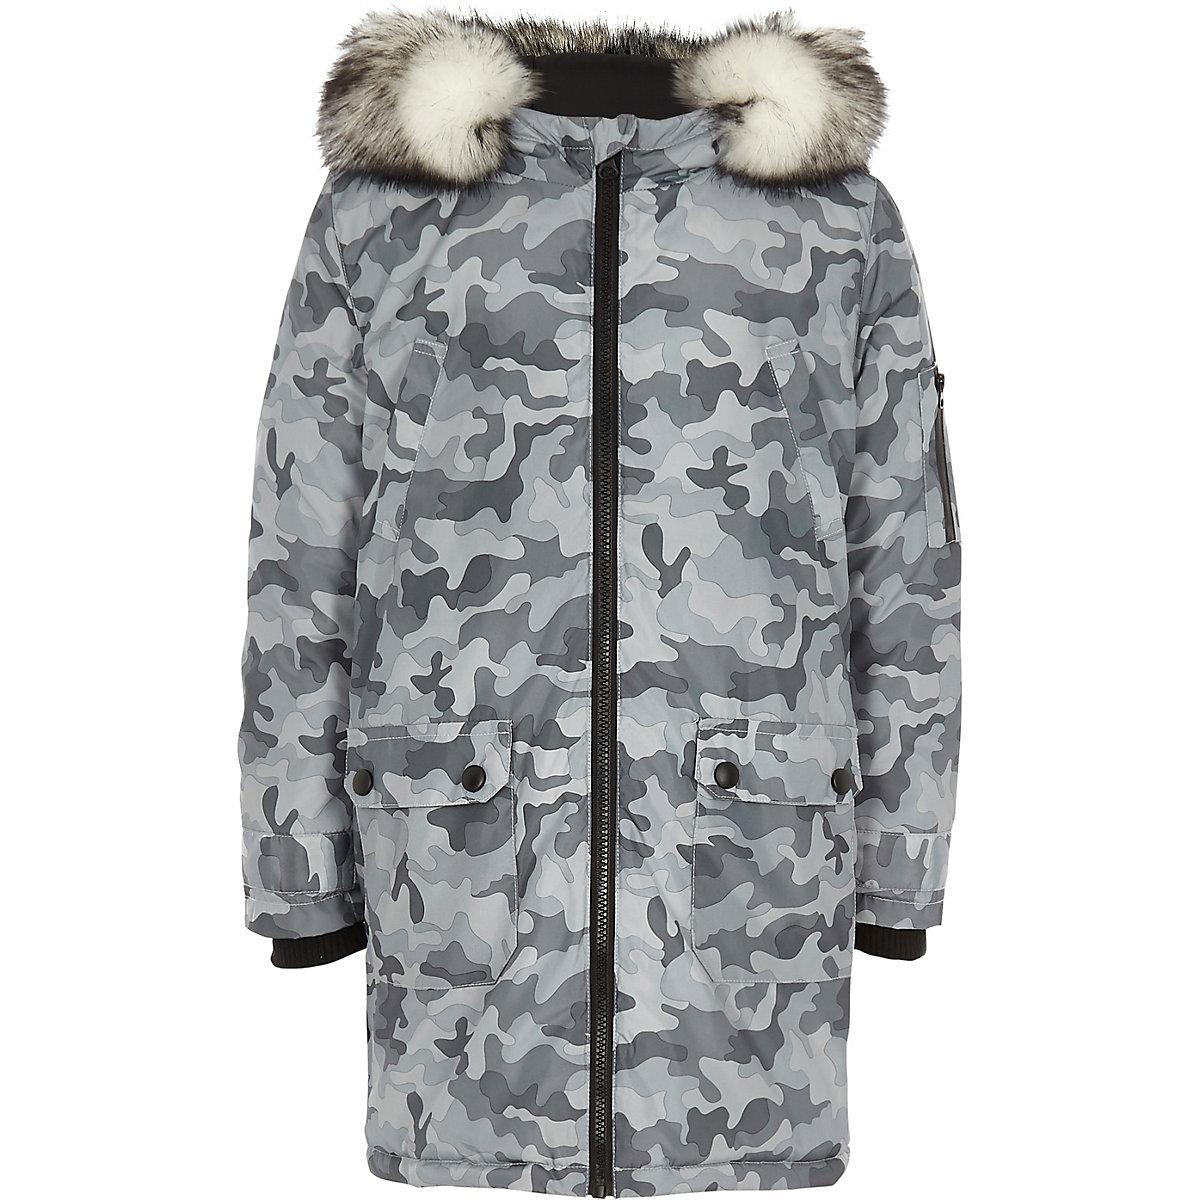 Parka grise motif camouflage avec bordures en fausse fourrure pour garçon